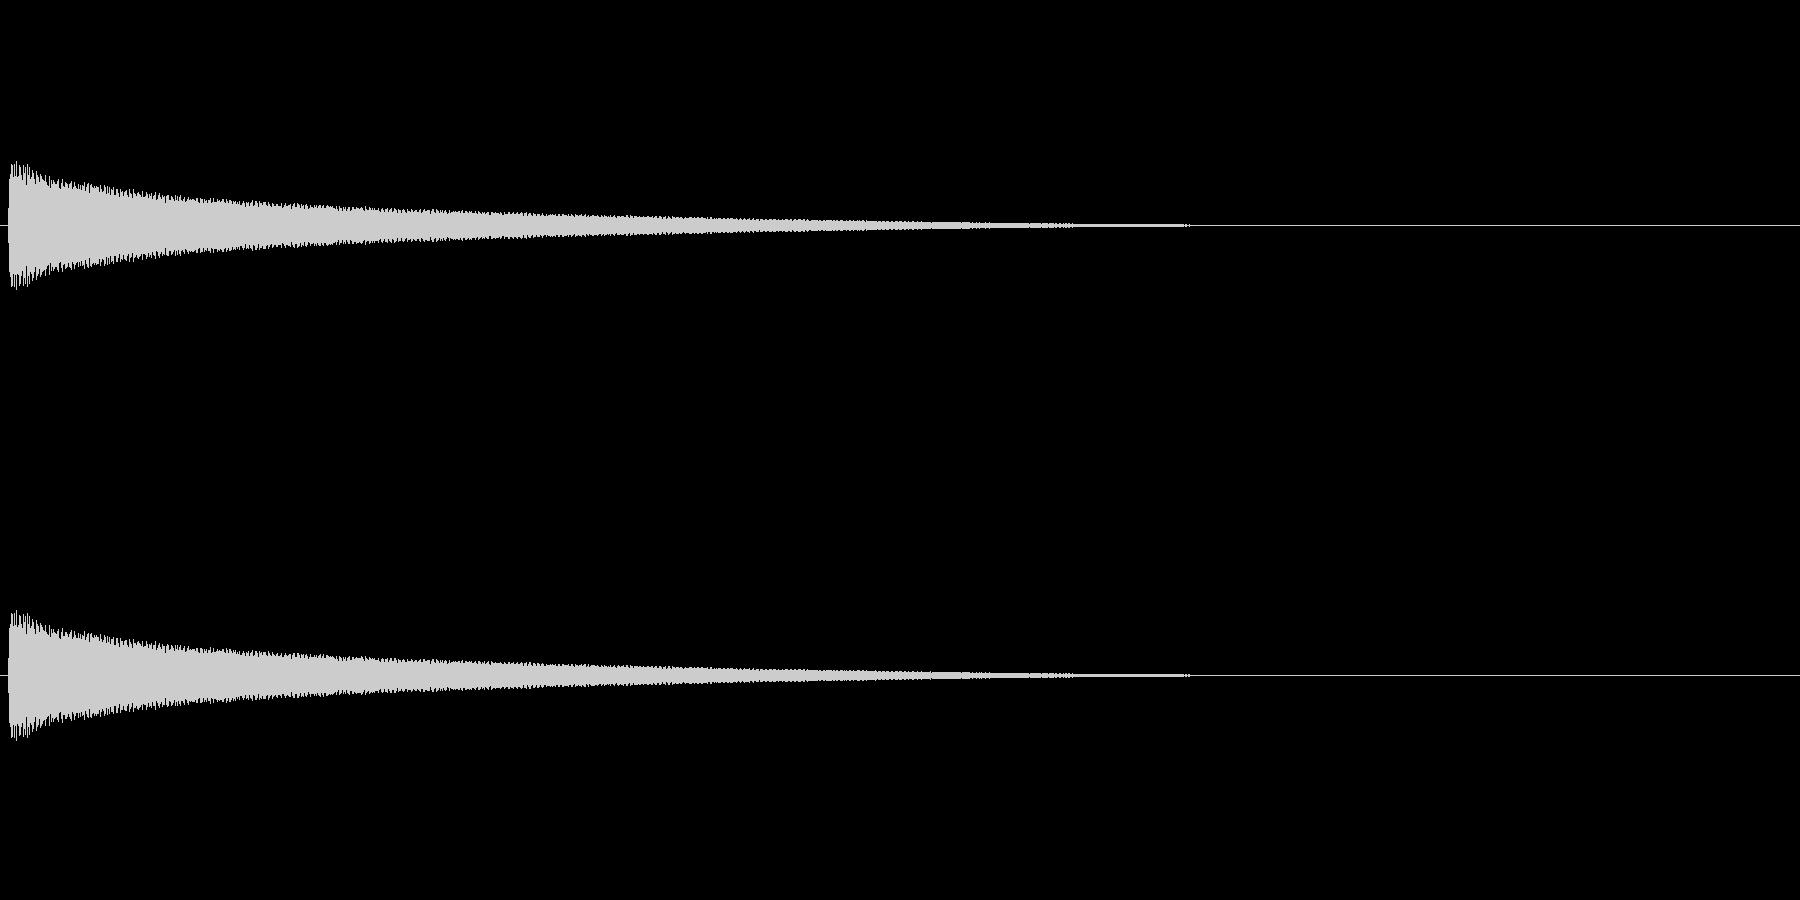 【チーン02-2】の未再生の波形